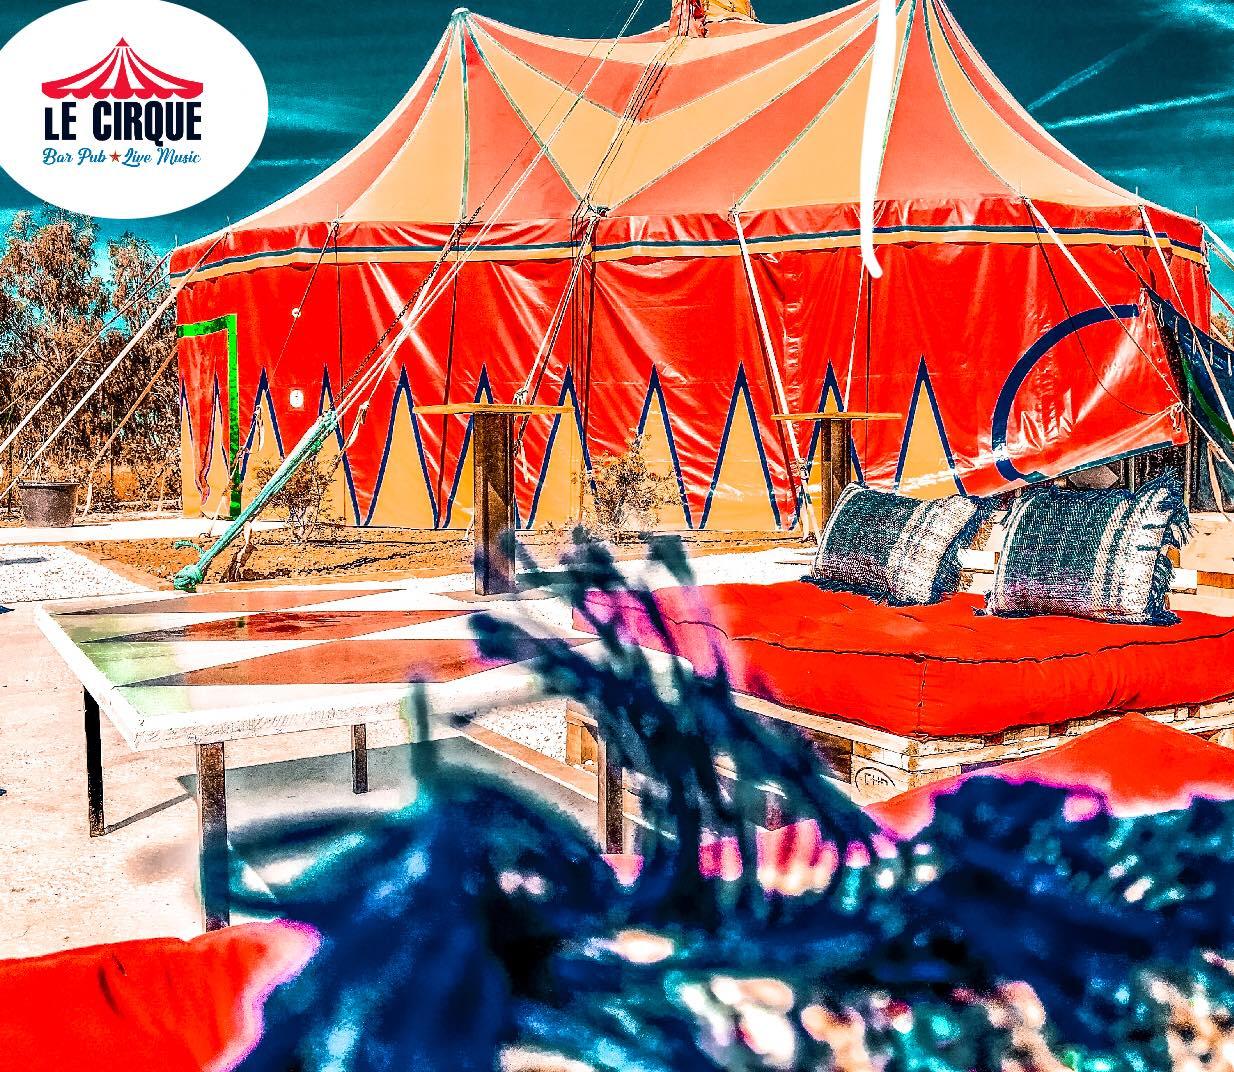 Vendredi 7 juin au Cirque